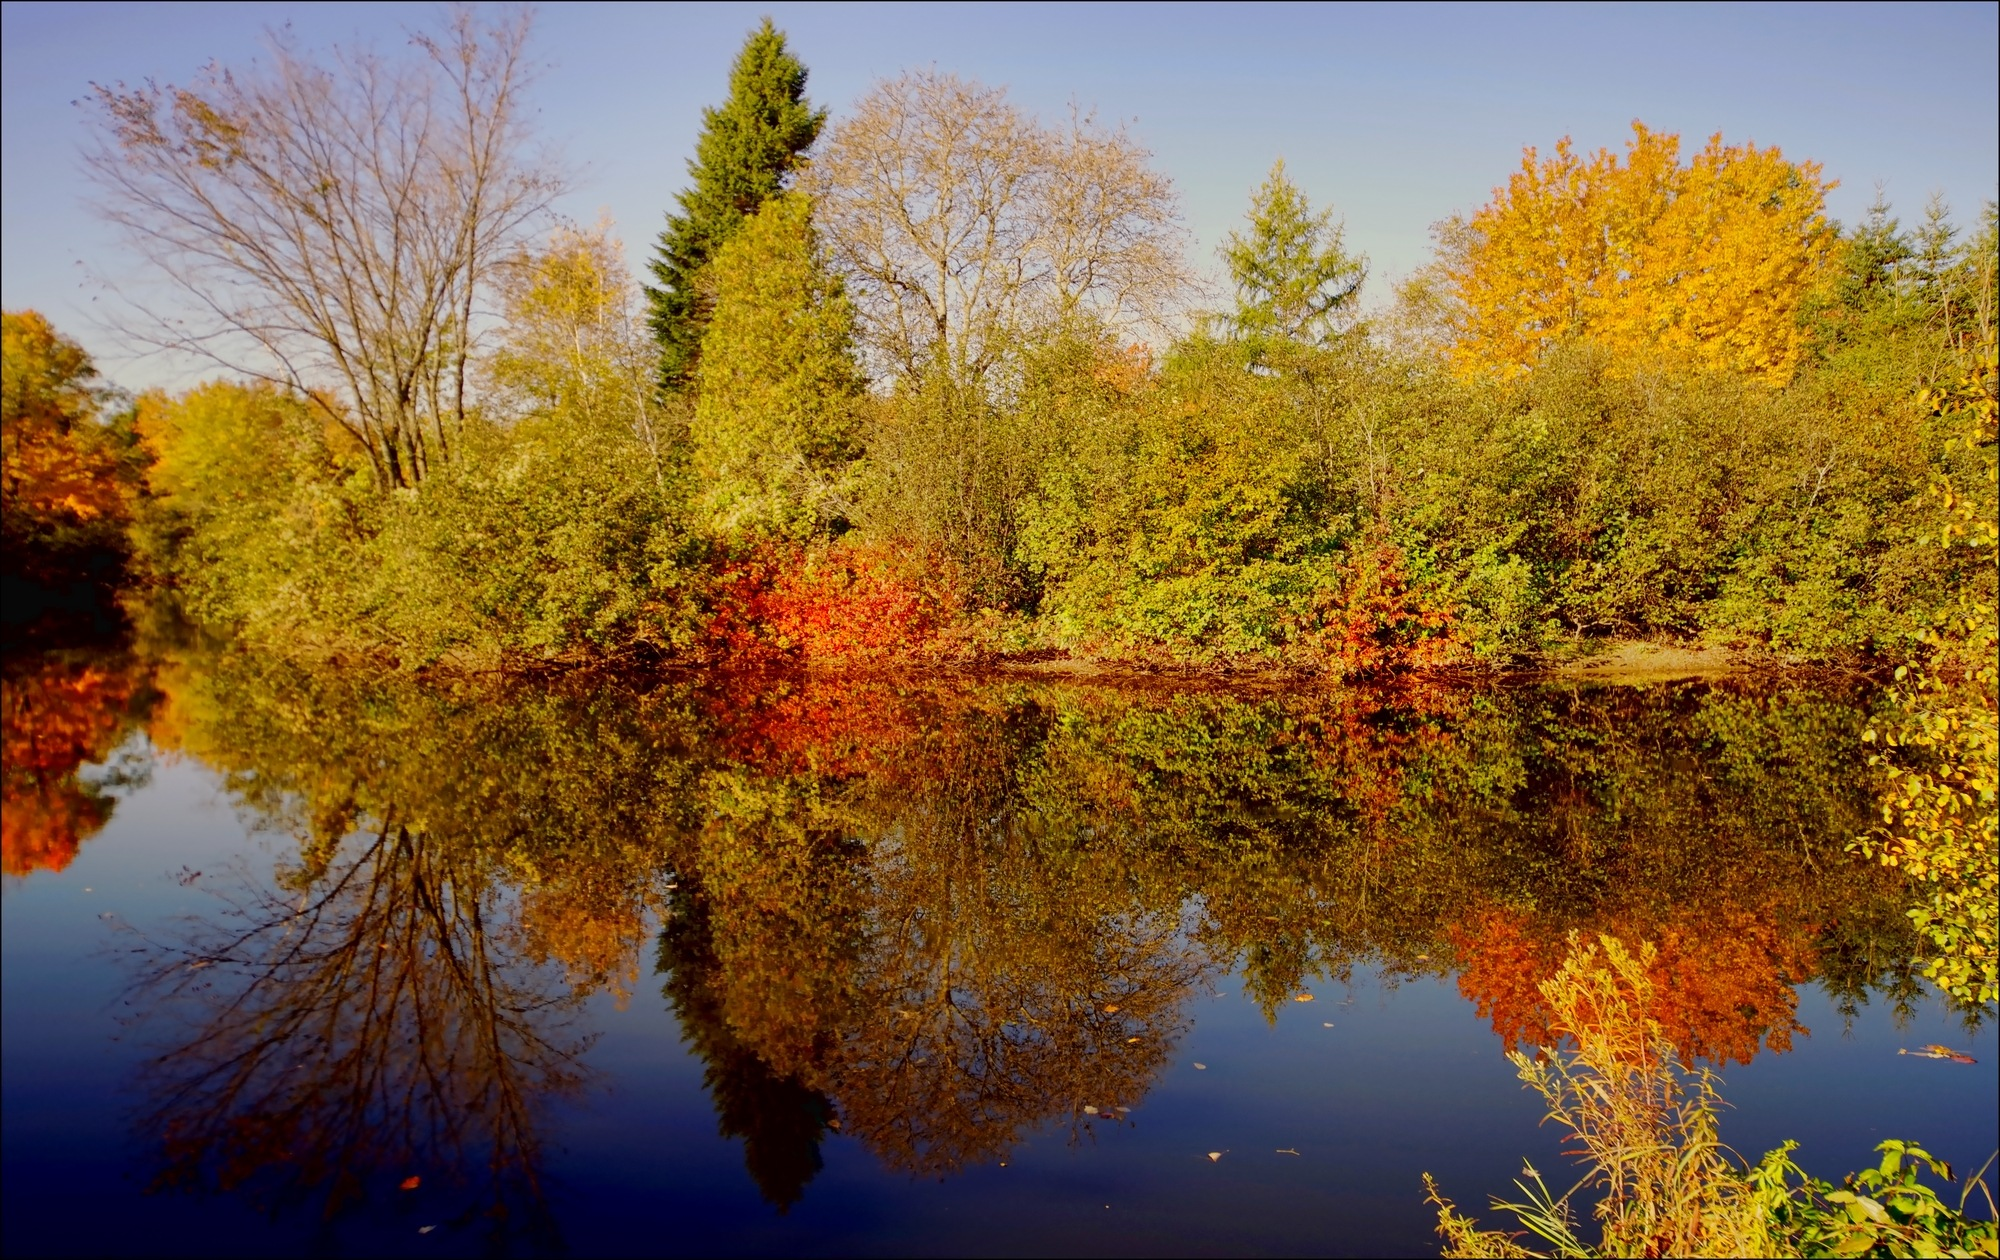 Reflets d'automne by Fernand Larochelle